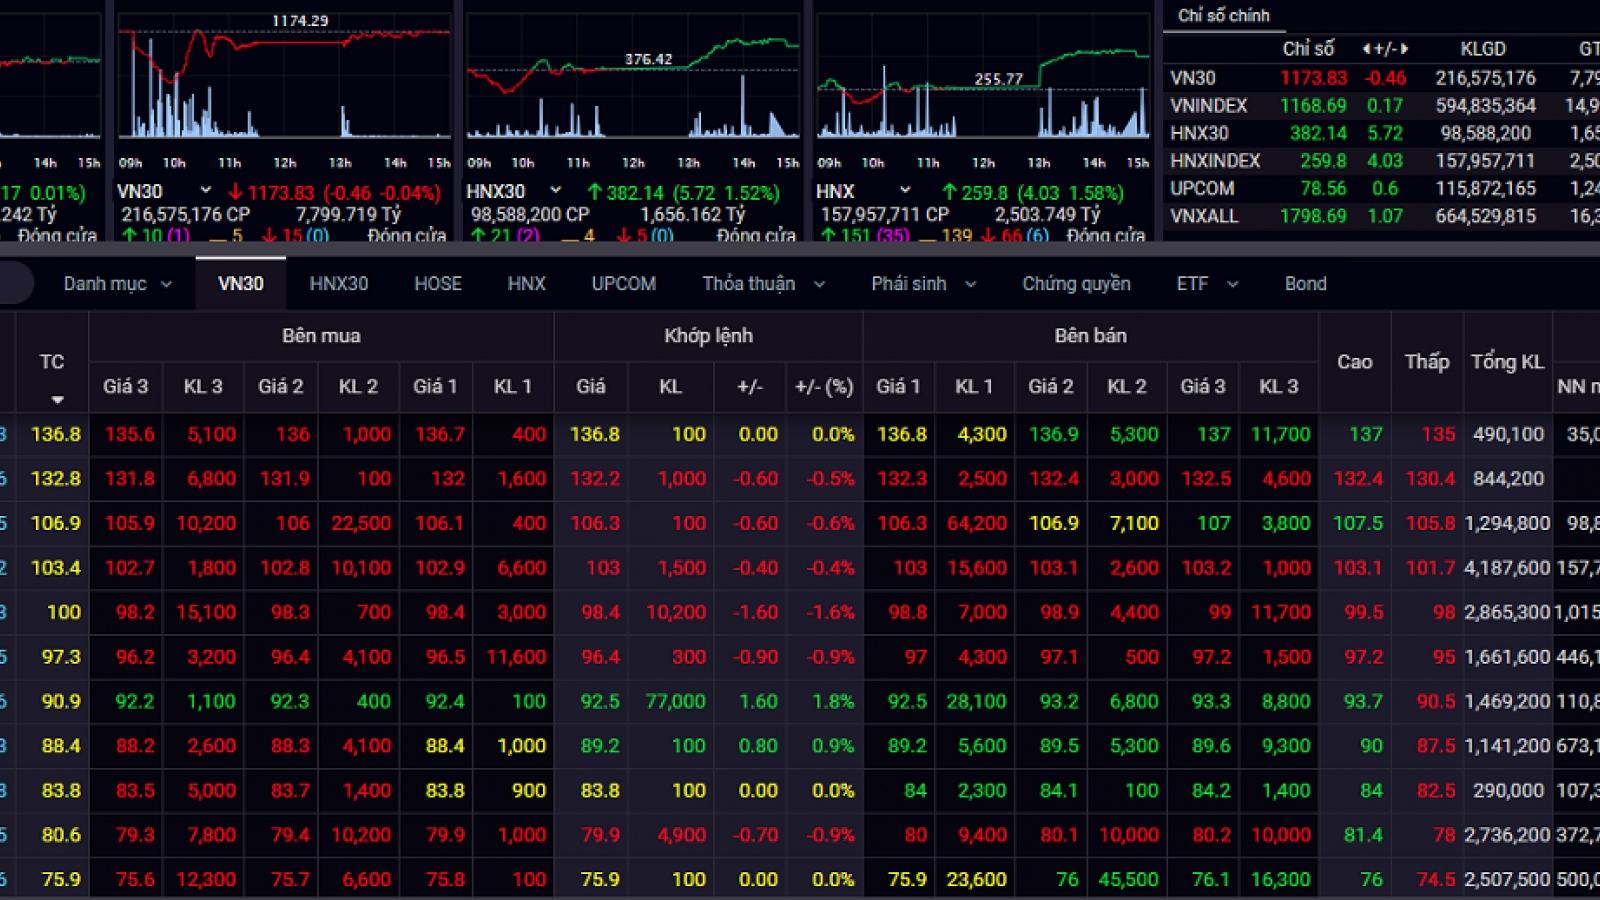 VN-Index hồi phục, tiến về tham chiếu trong phiên giao dịch cuối tuần